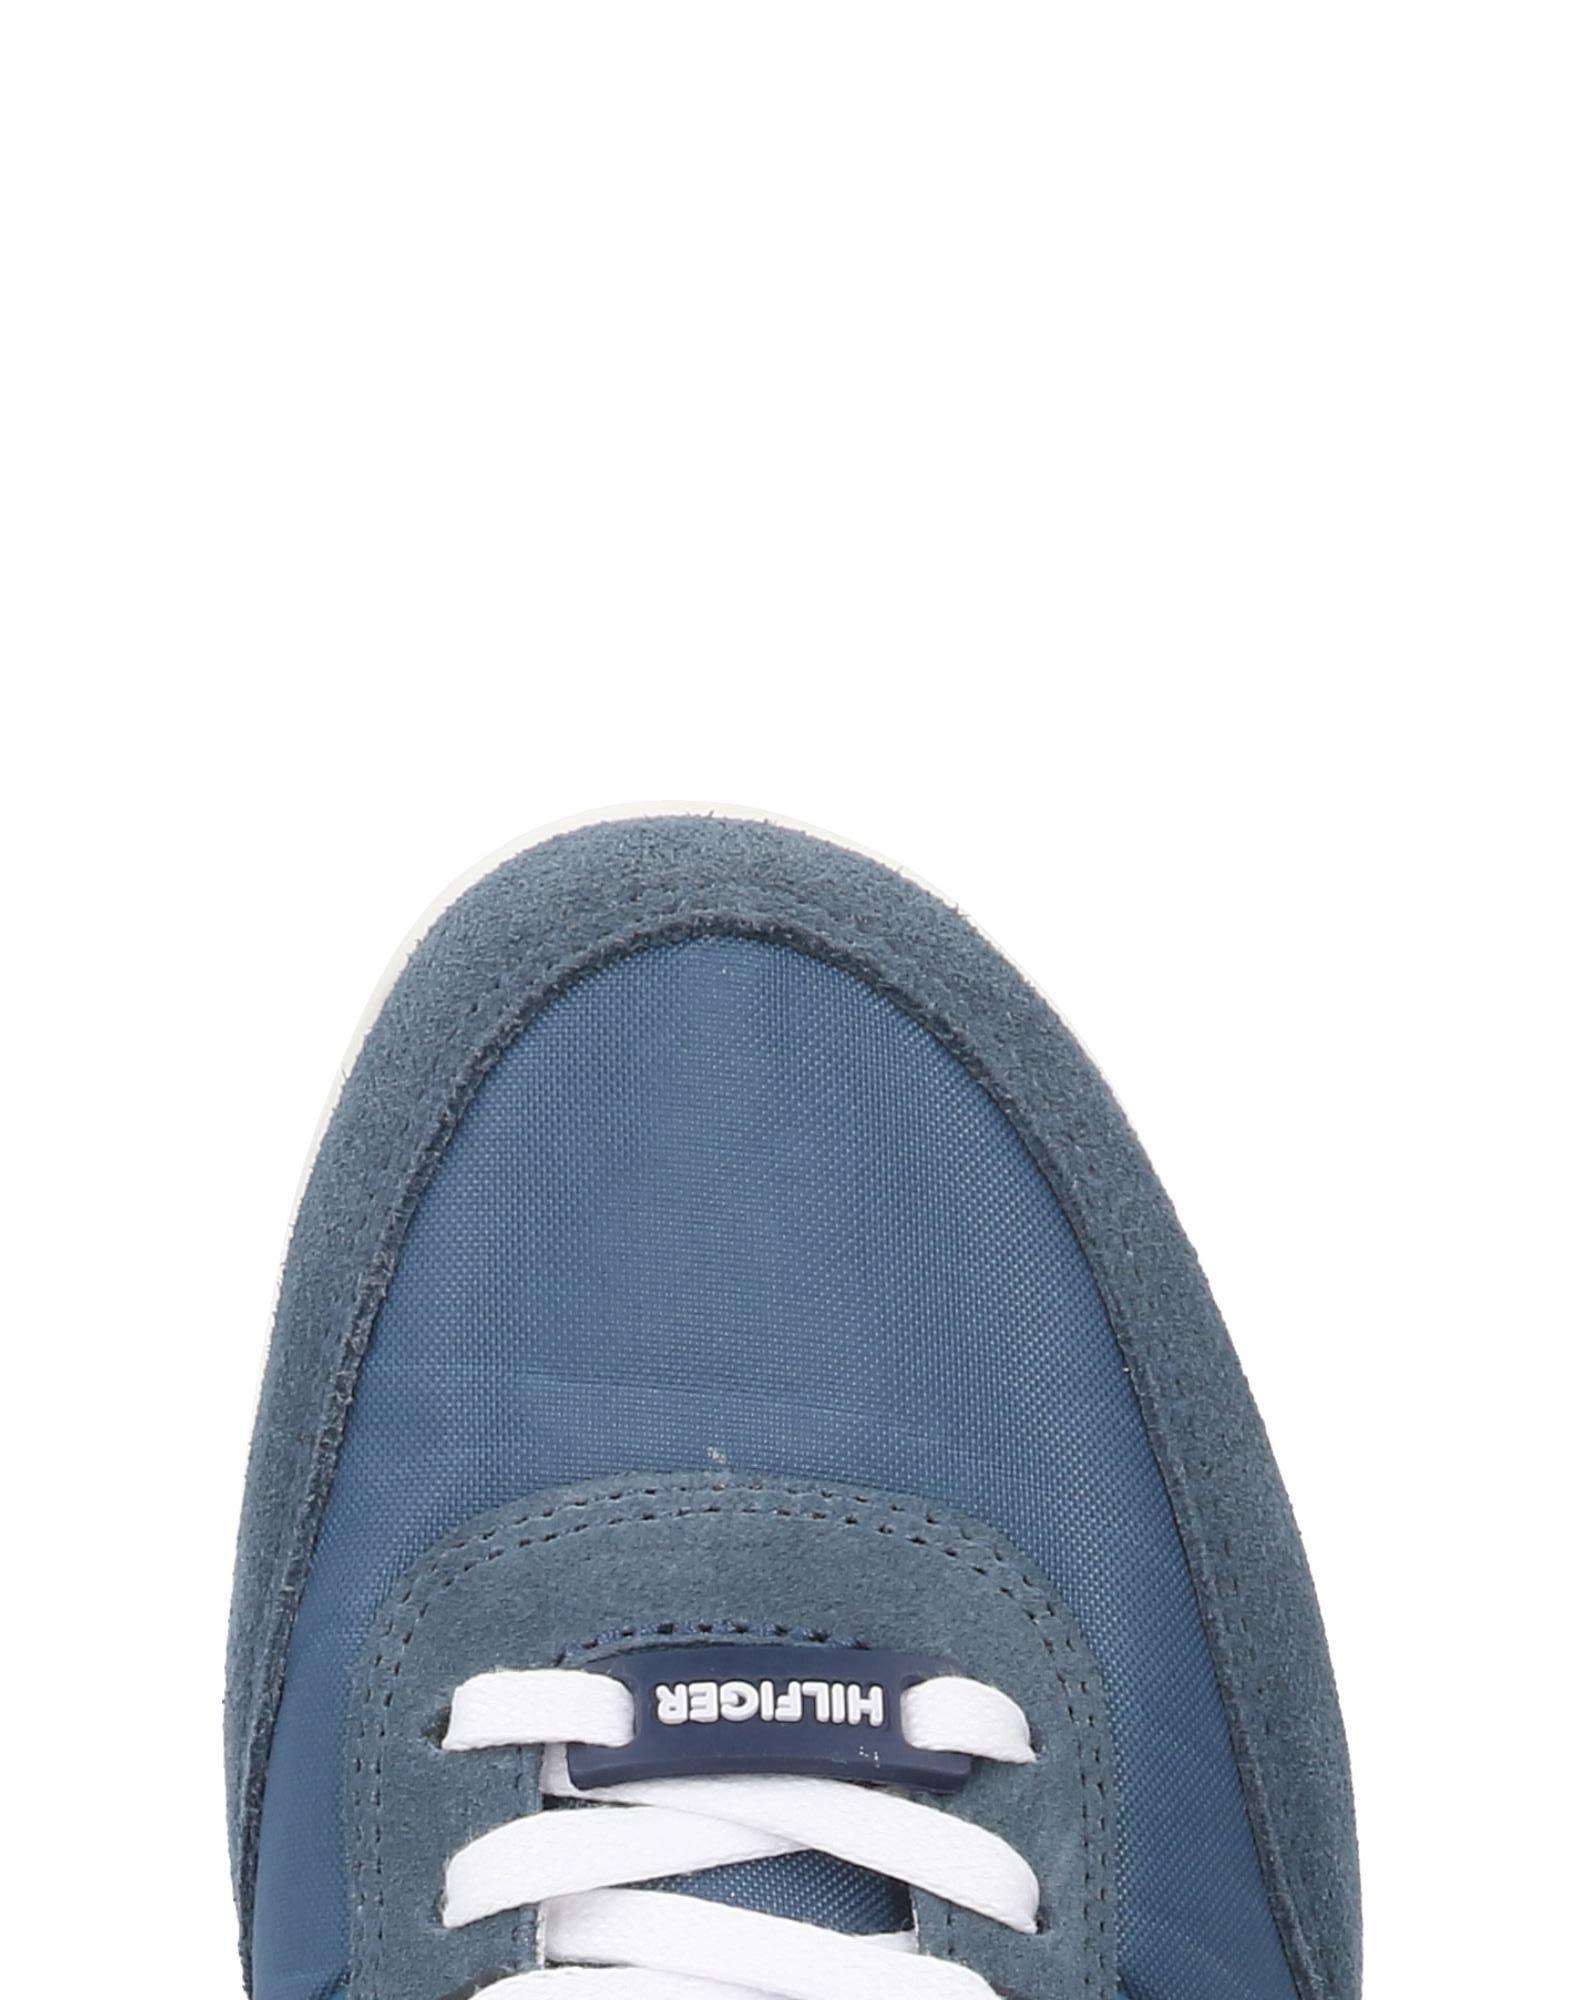 Rabatt echte Schuhe Herren Tommy Hilfiger Sneakers Herren Schuhe  11463109RT adf42f